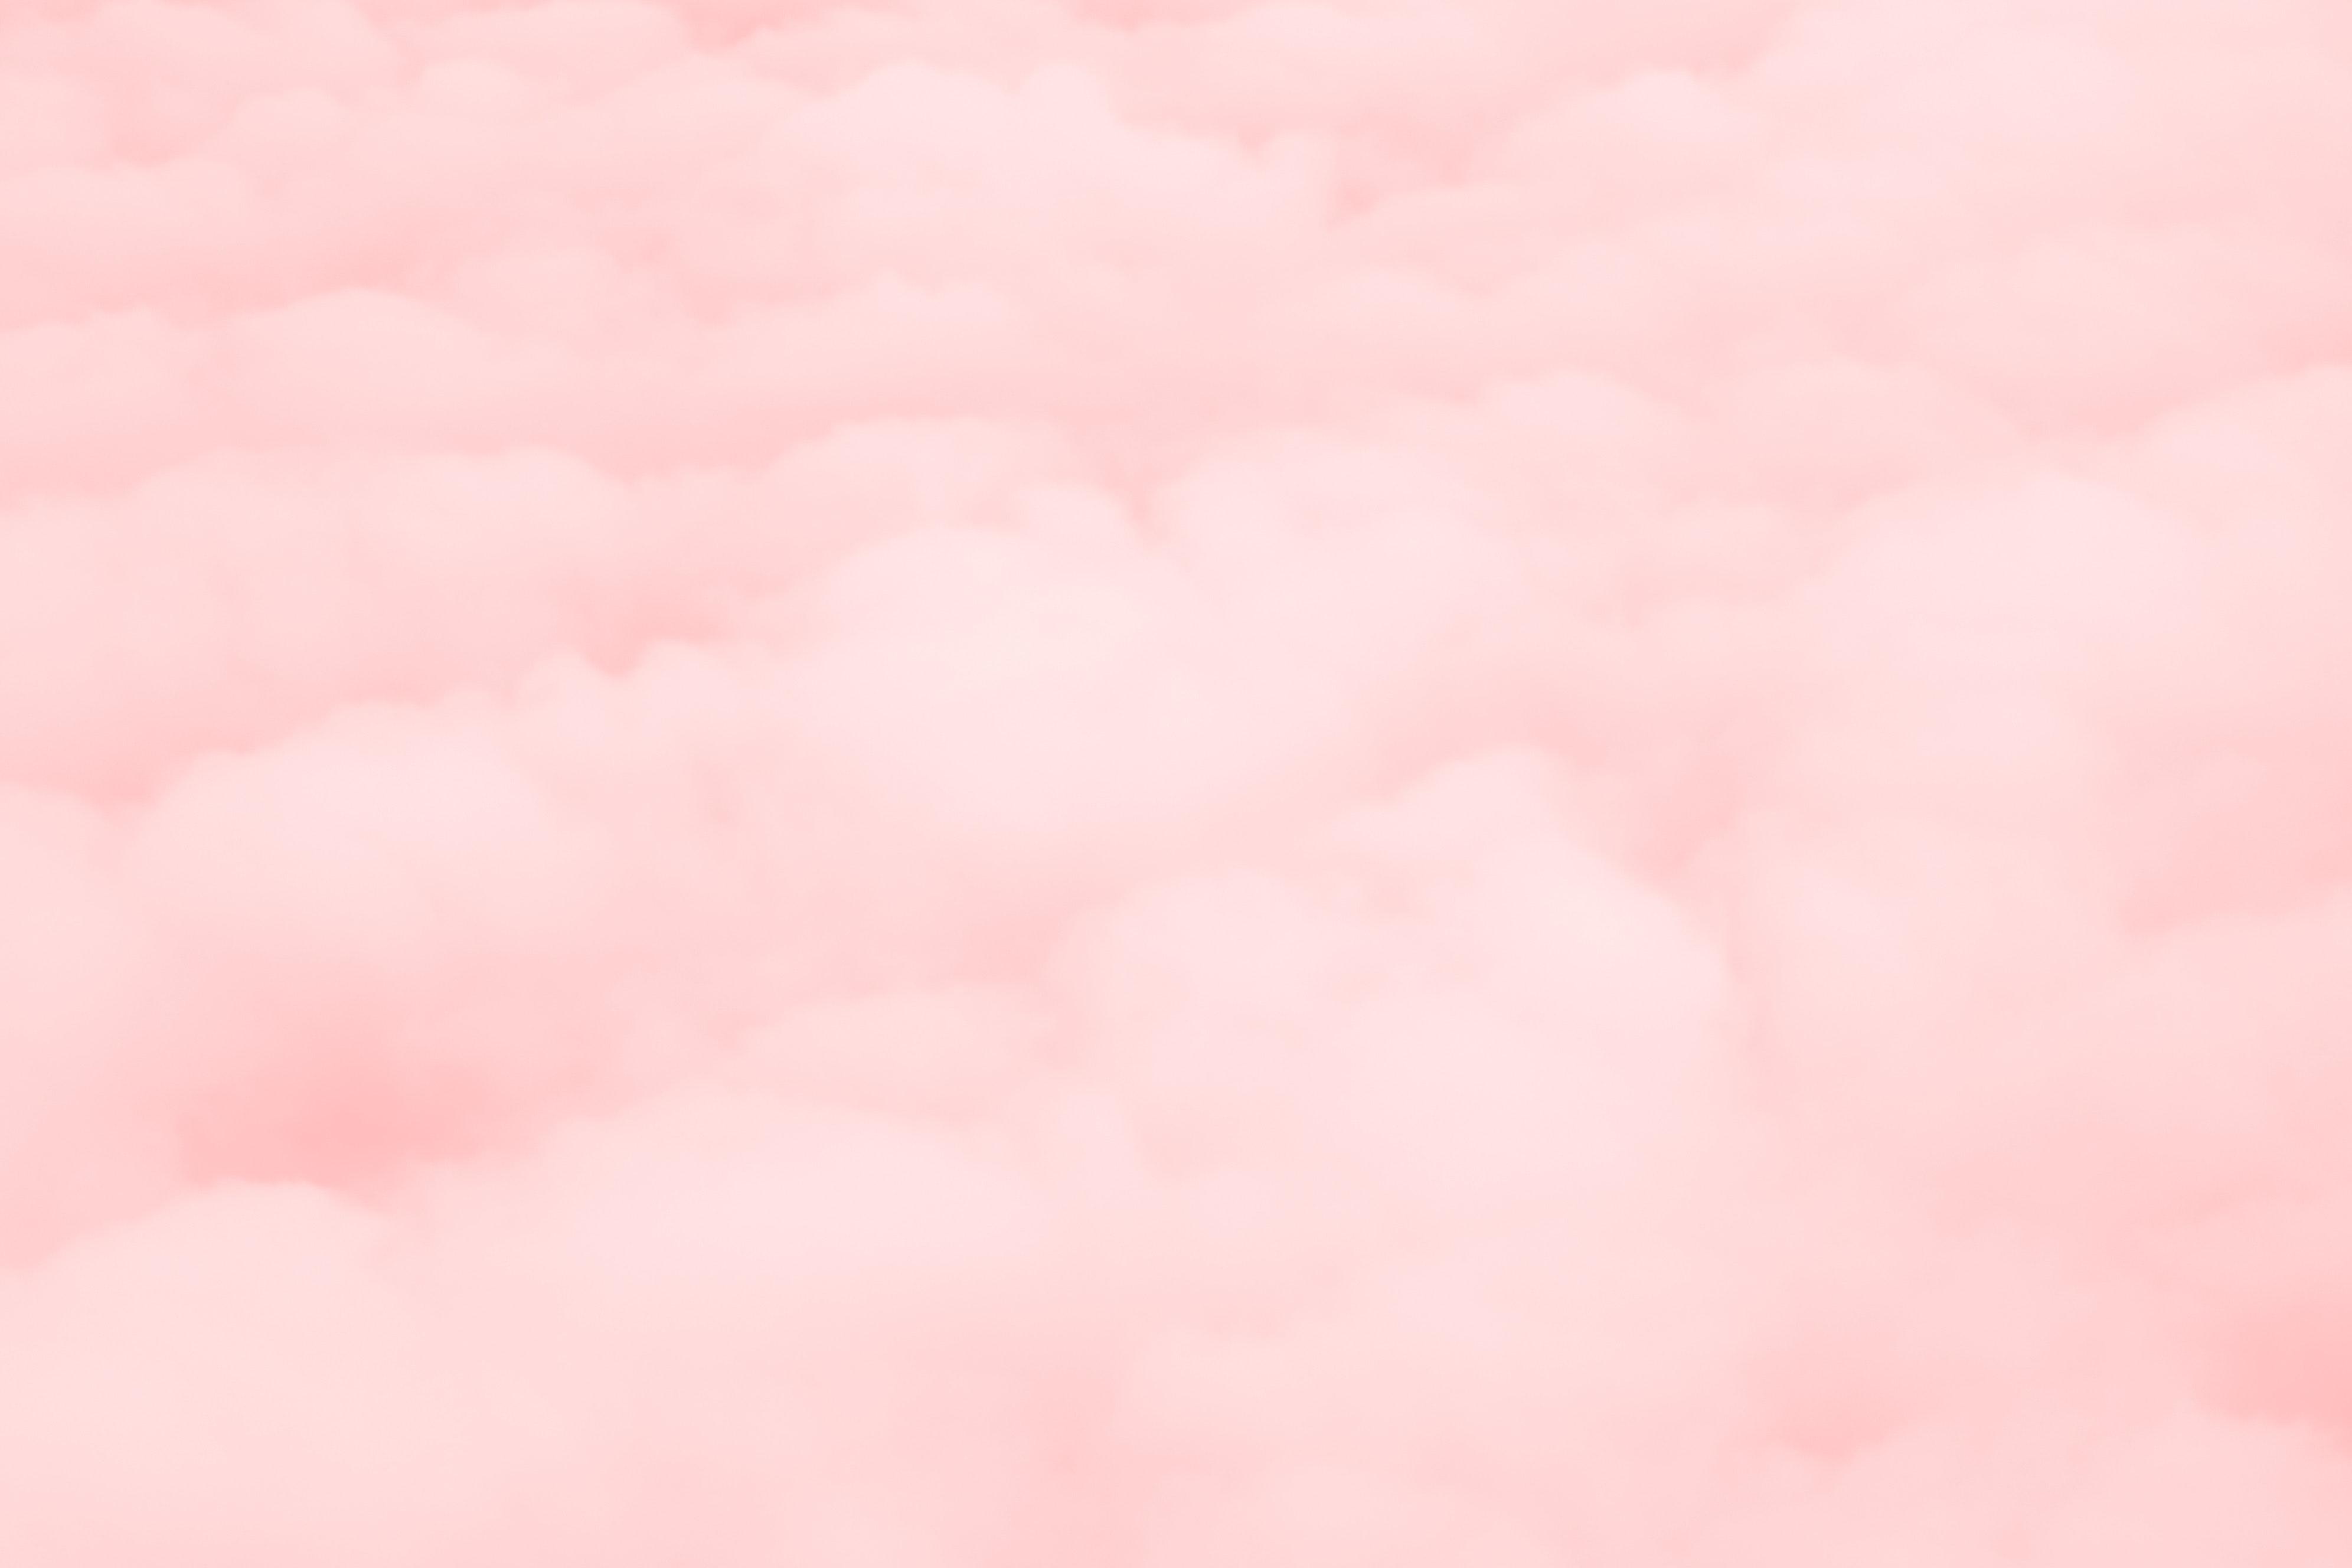 Background đơn giản đẹp